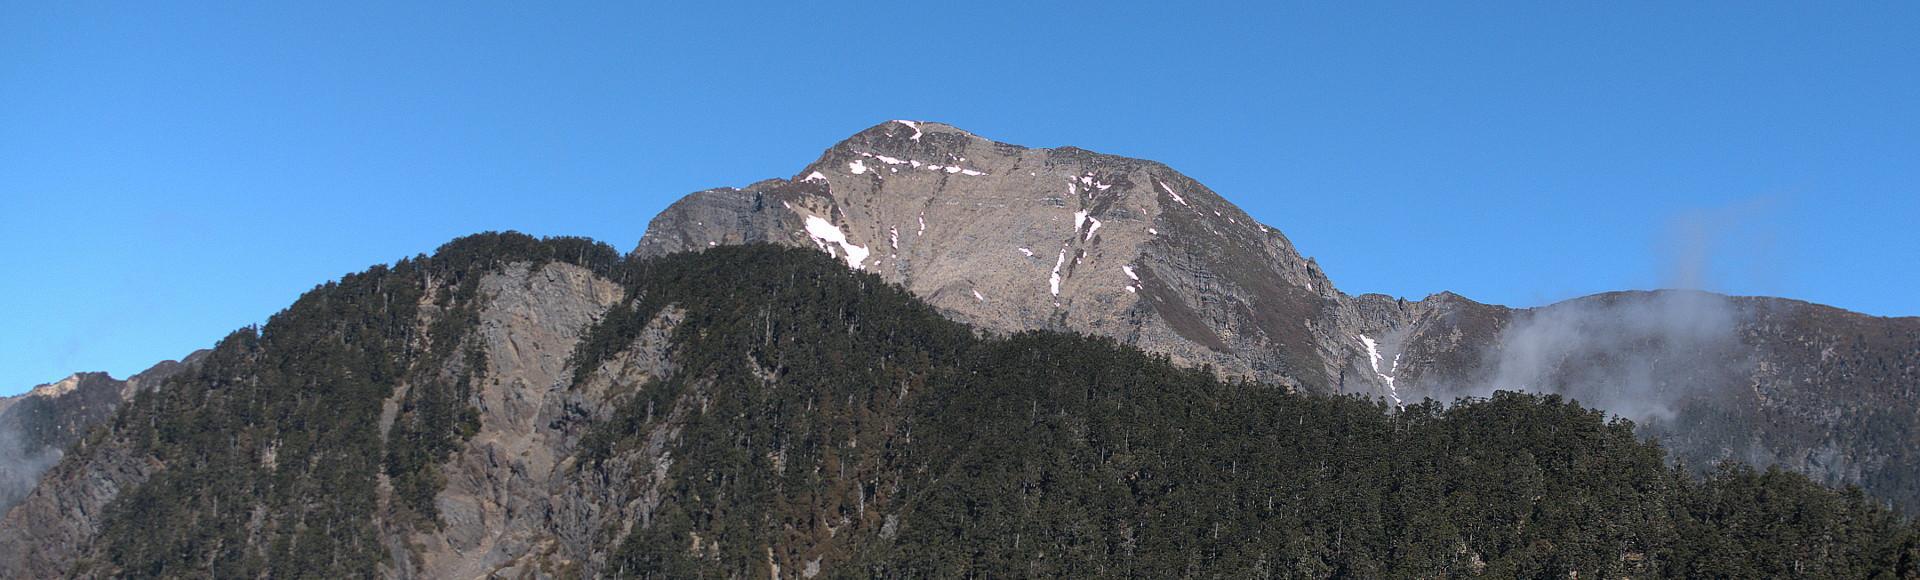 Escapade à Xueshan, la montagne enneigée